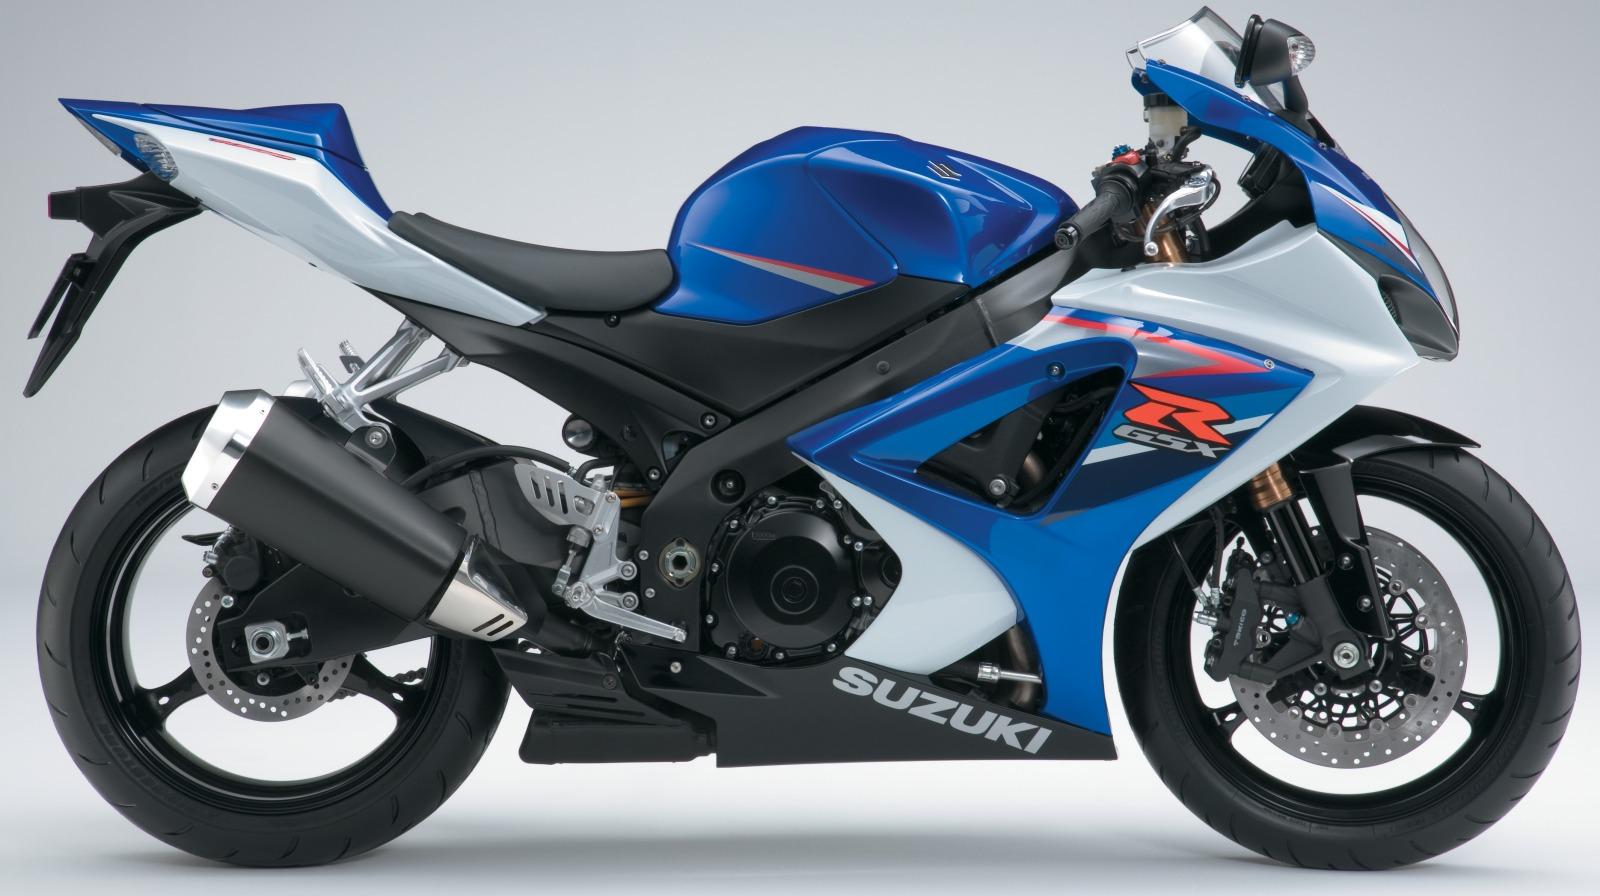 GSX-R легендарный класс мотоциклов интегрированный в техническое совершенство и узнаваемый дизайн продукции Сузуки.